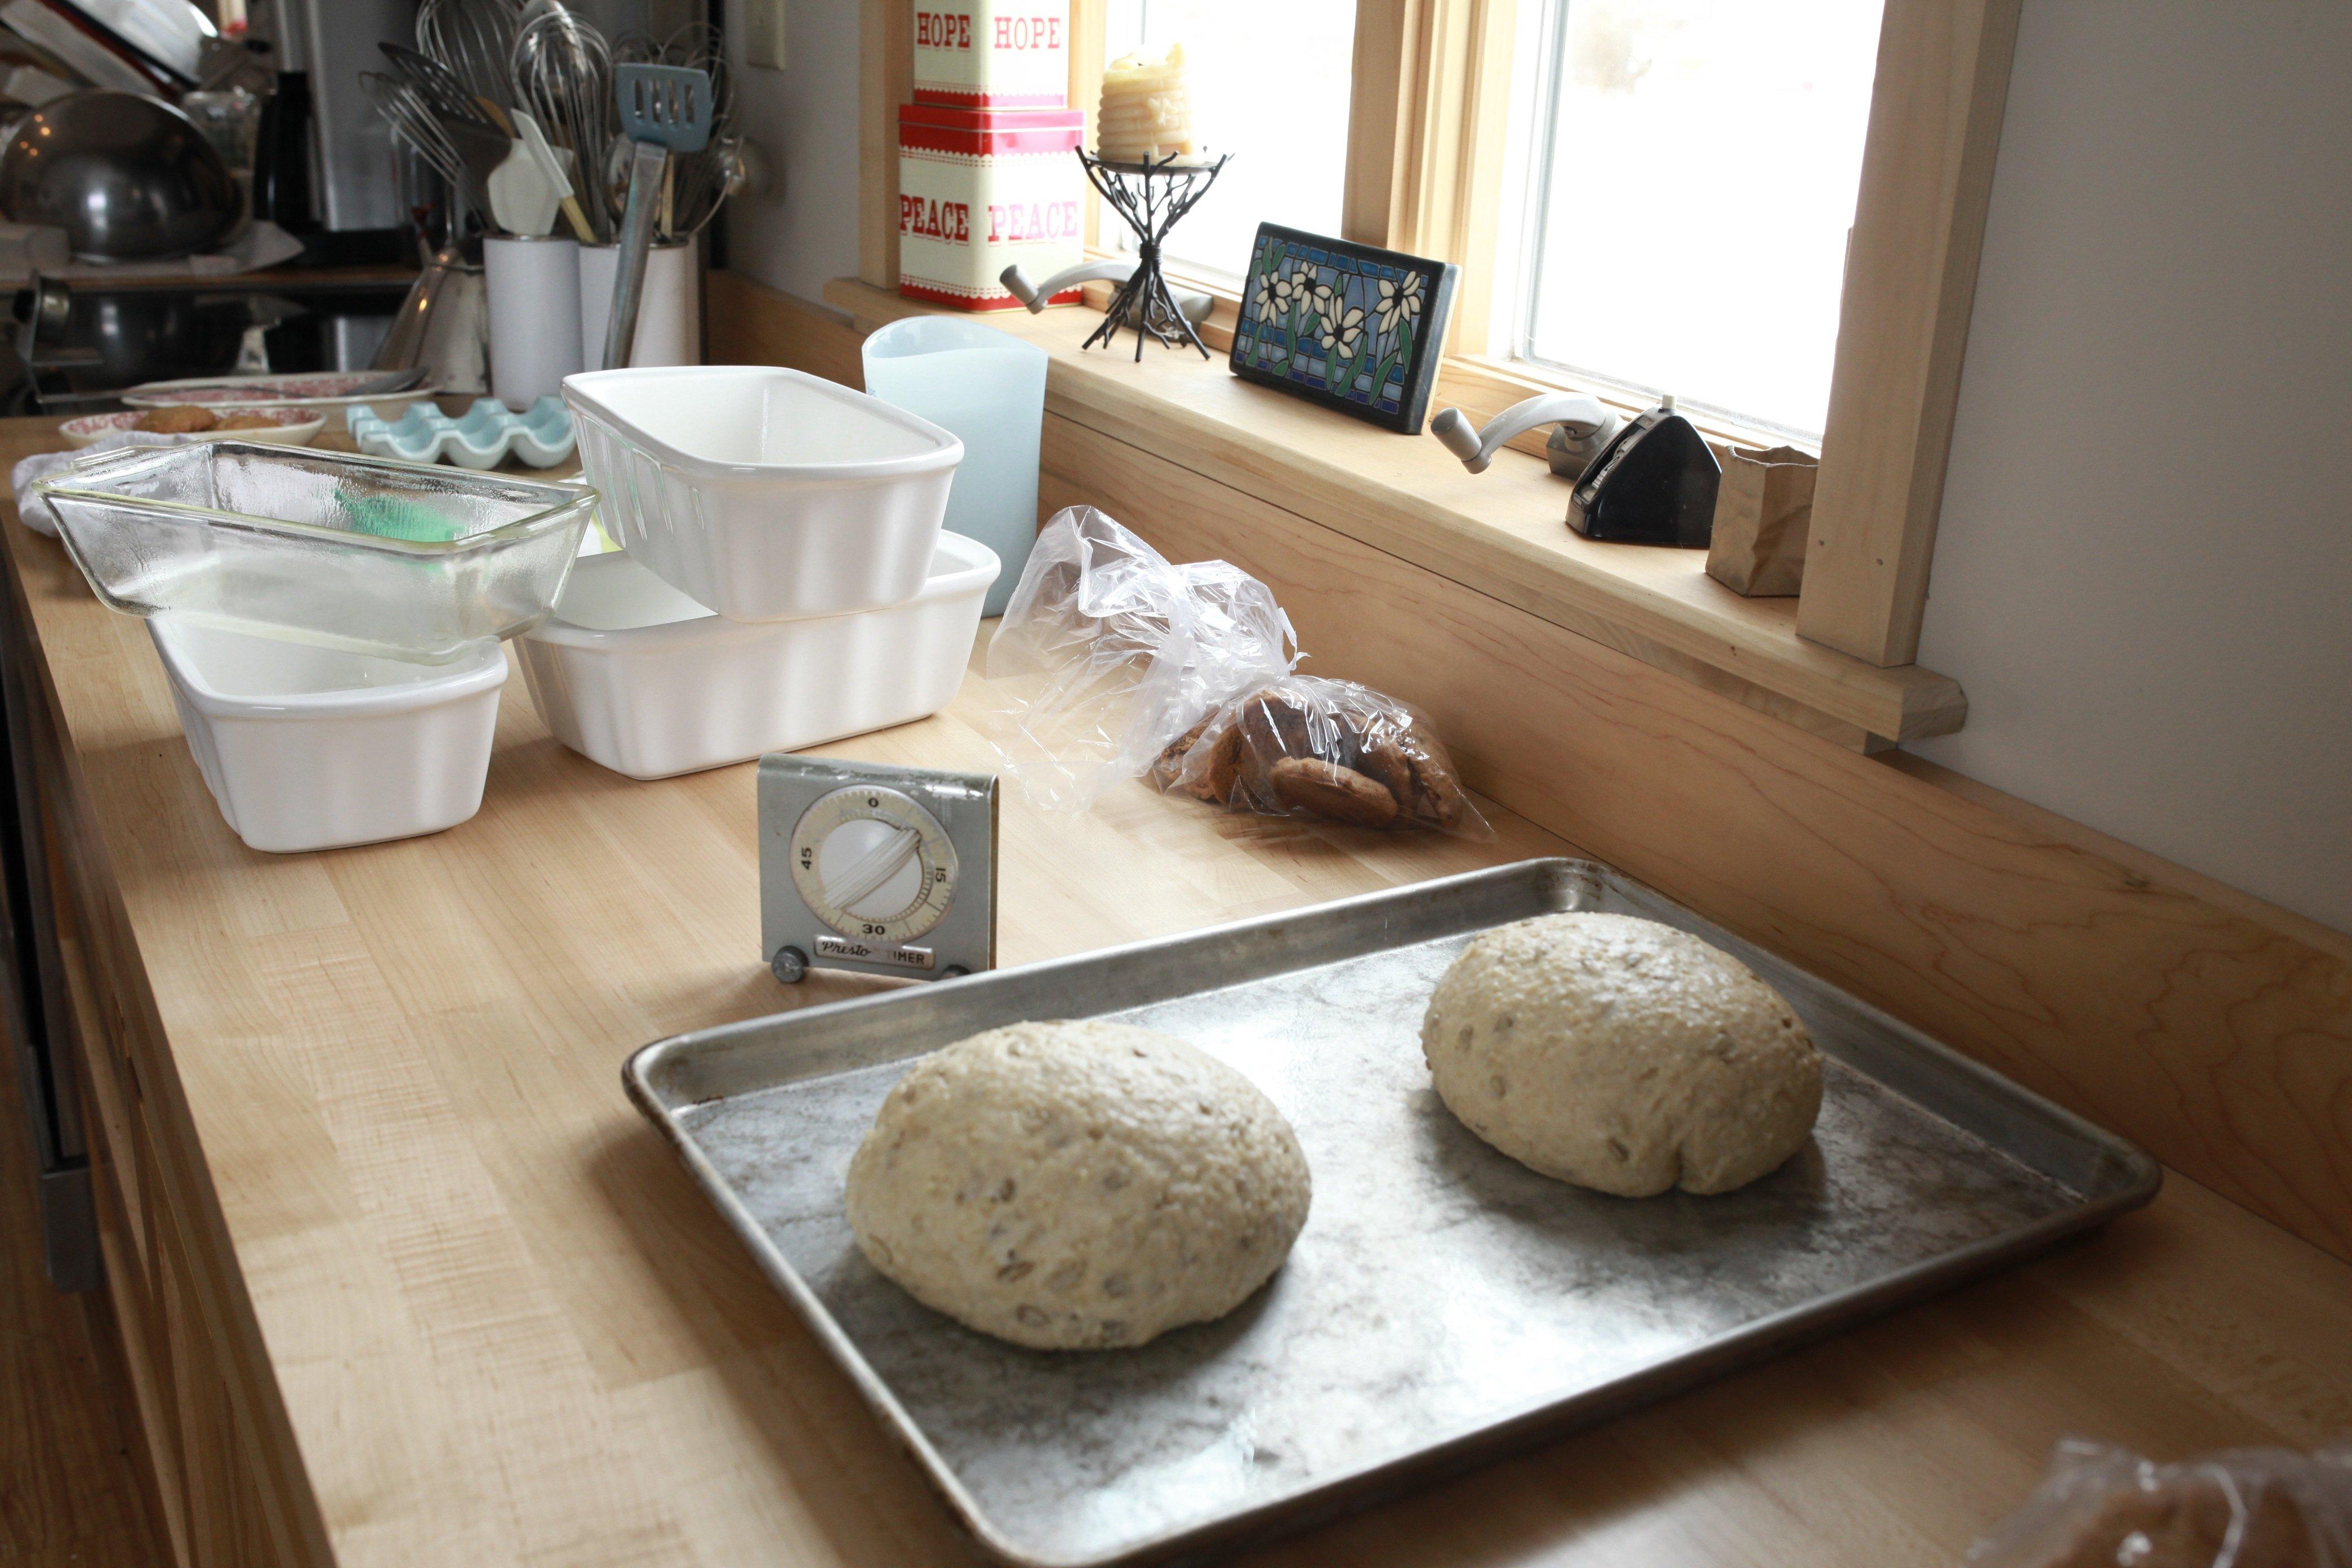 unbaked millet bread far